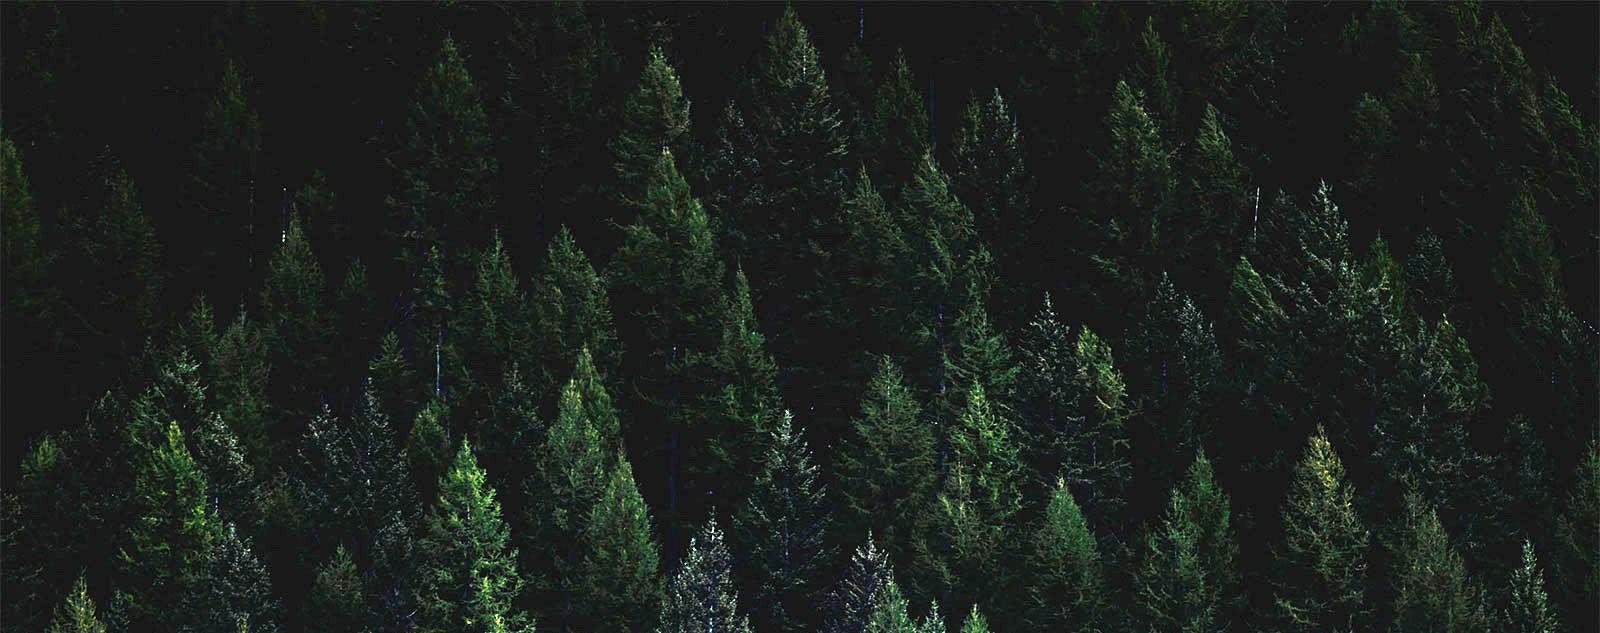 foresta, serbatoio di cabonio